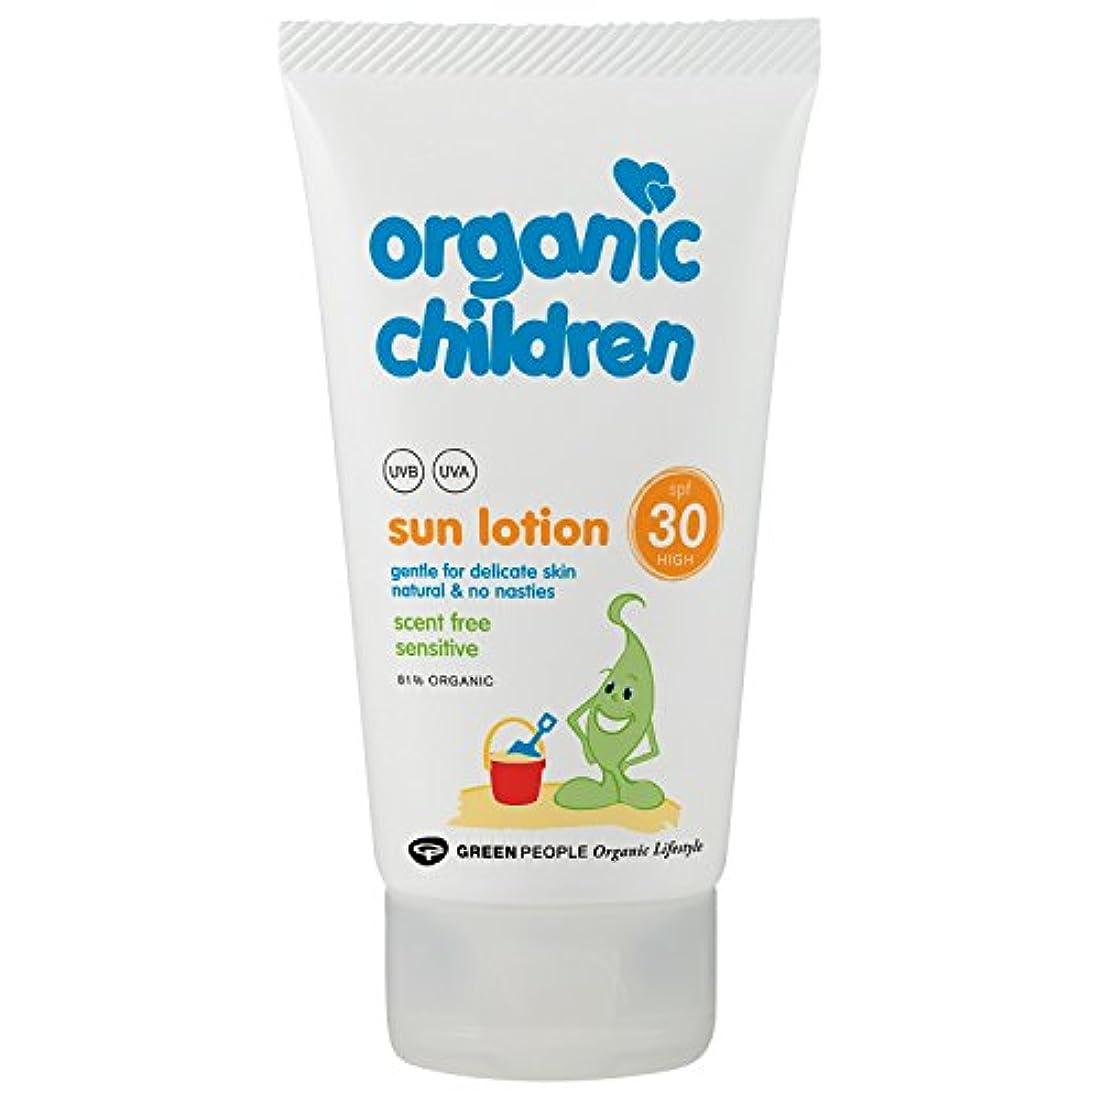 モトリーコンプライアンス奇妙なOrganic Children SPF 30 Sun Lotion 150g - 有機子どもたちは30日のローション150グラムを [並行輸入品]